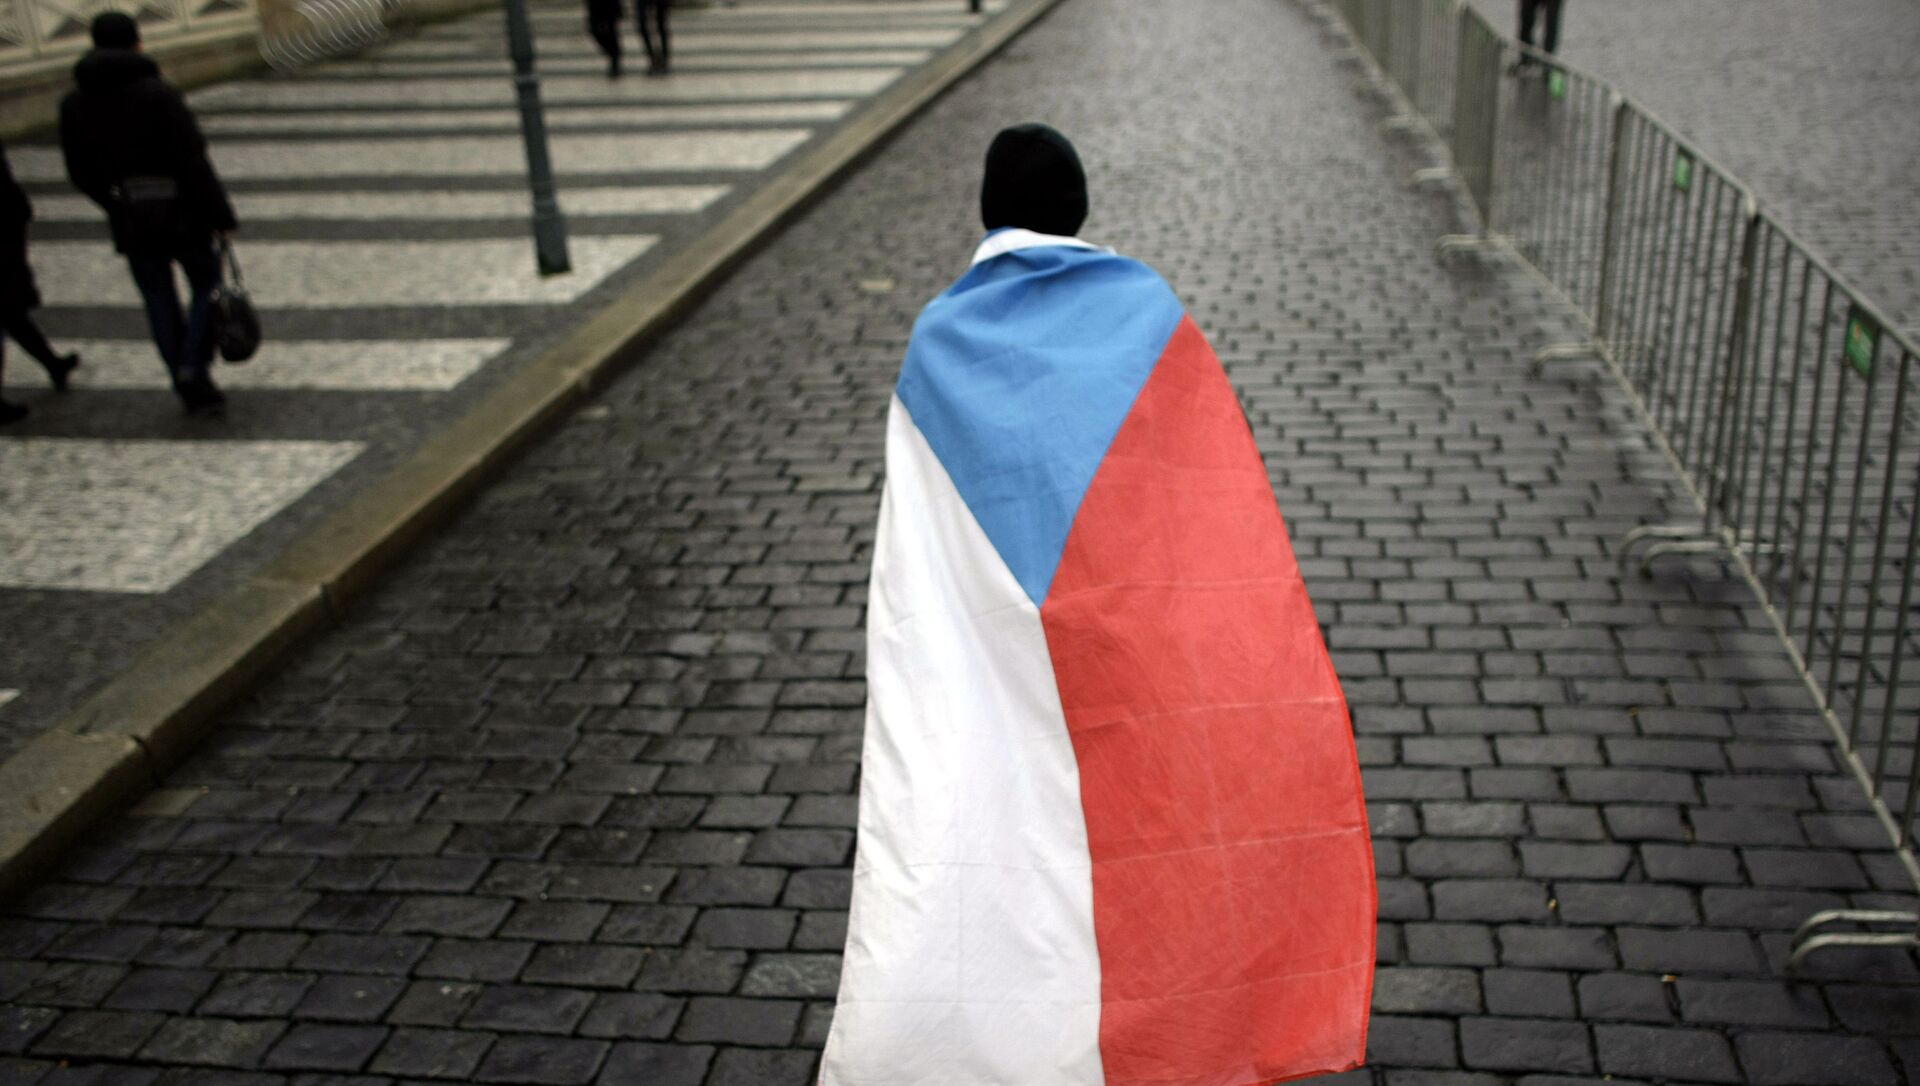 Czechy zastanawiają się nad wycofaniem się z UE - Sputnik Polska, 1920, 20.04.2021